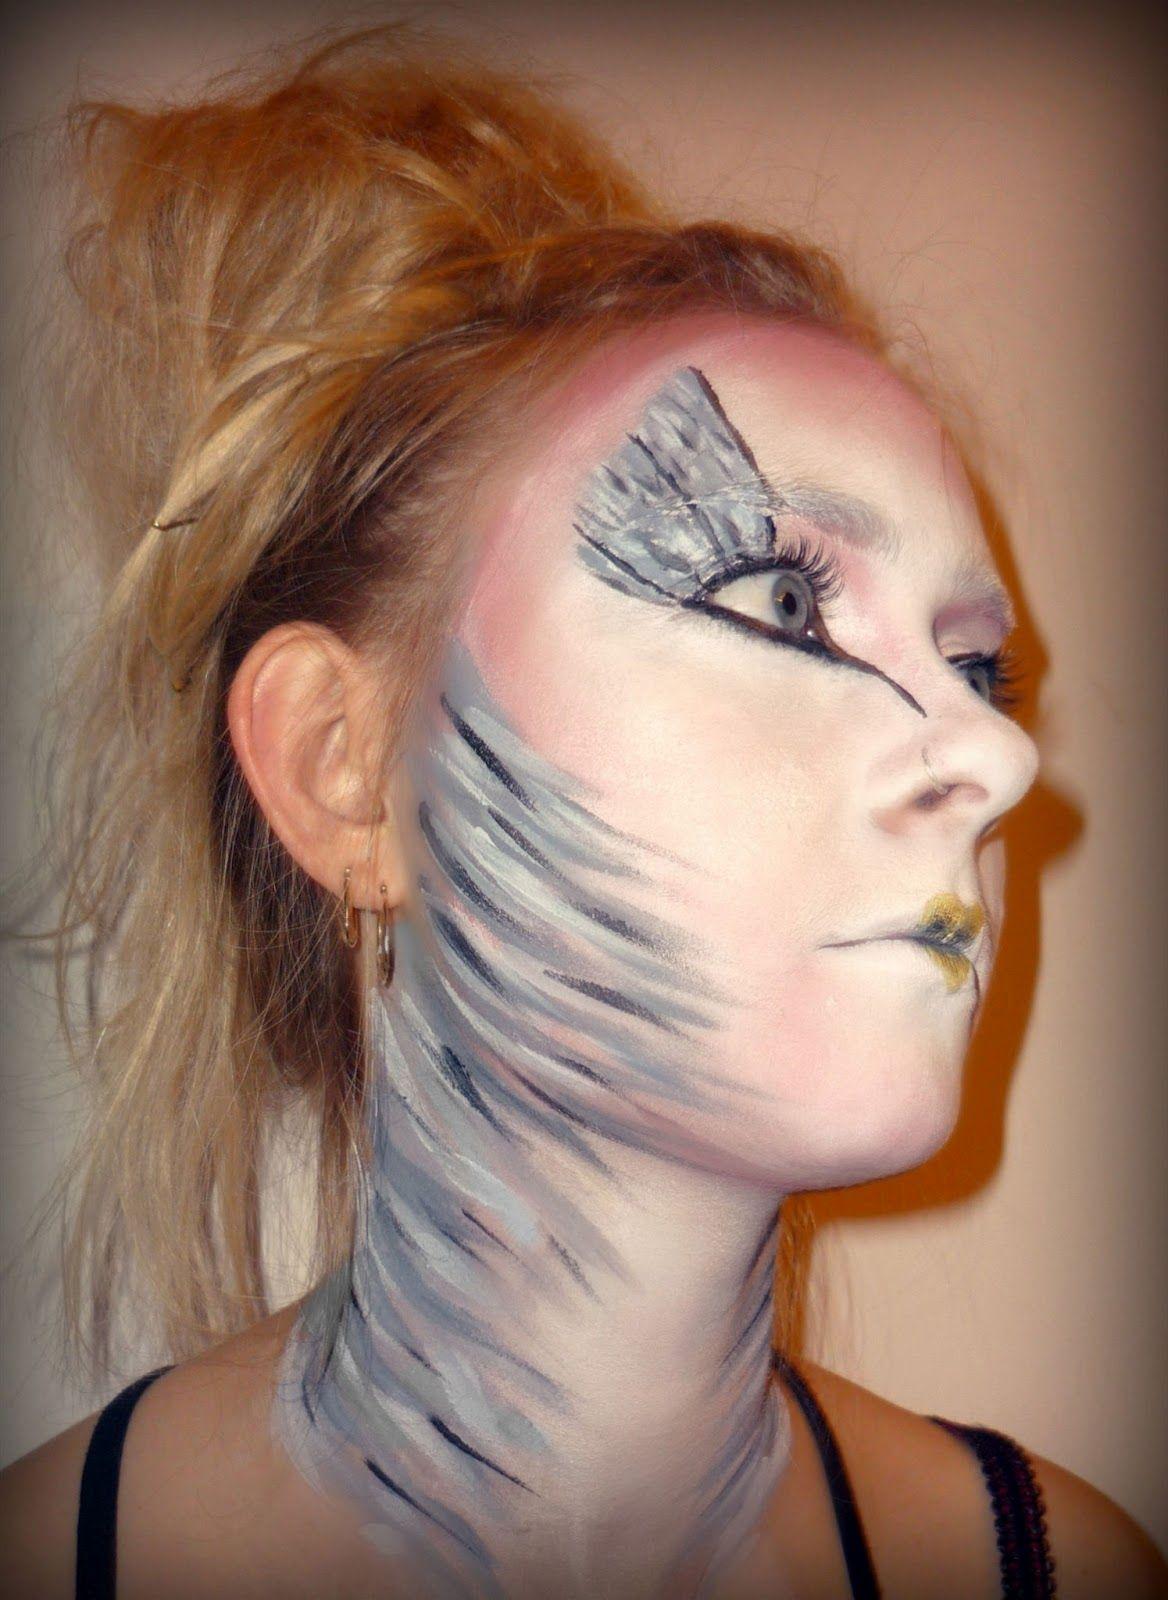 Sculptured Mess The Bird Creative Makeup (With images